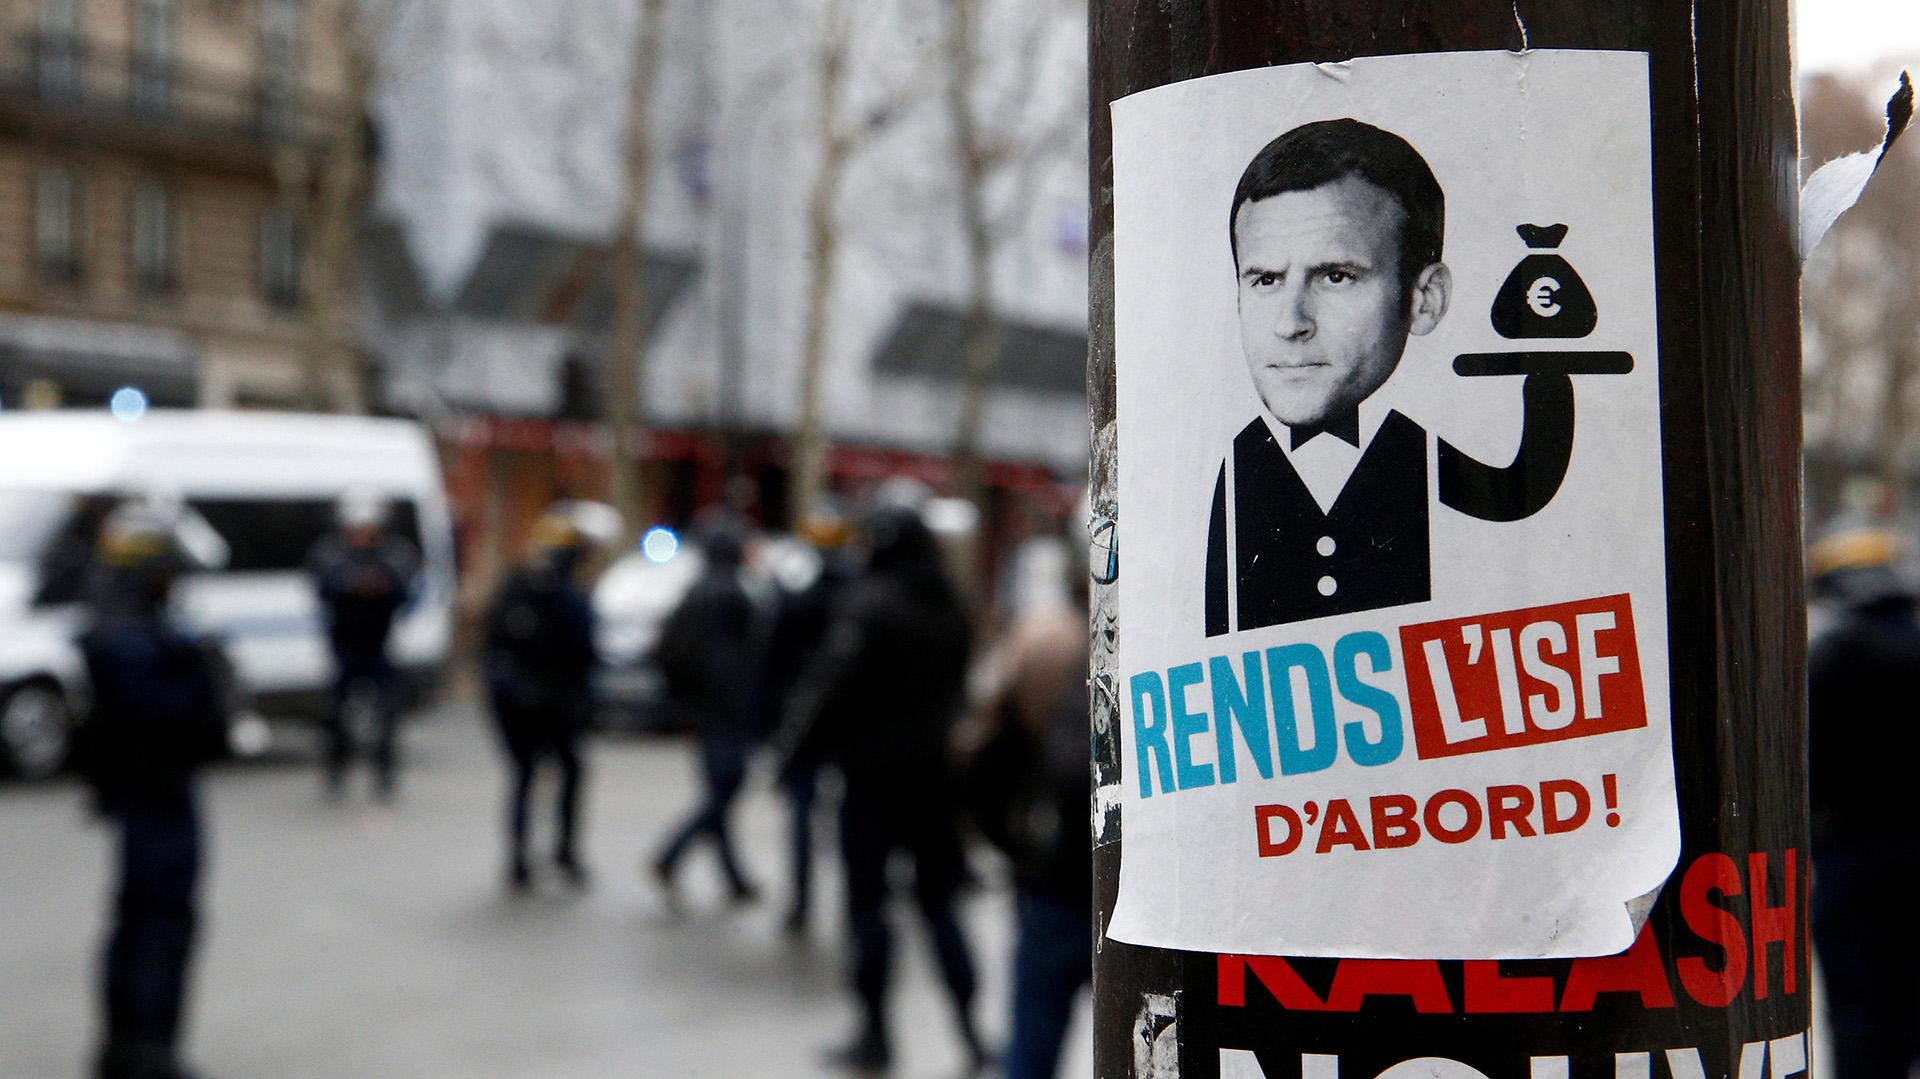 Los manifestantes exigen la renuncia de Macron (REUTERS/Stephane Mahe)